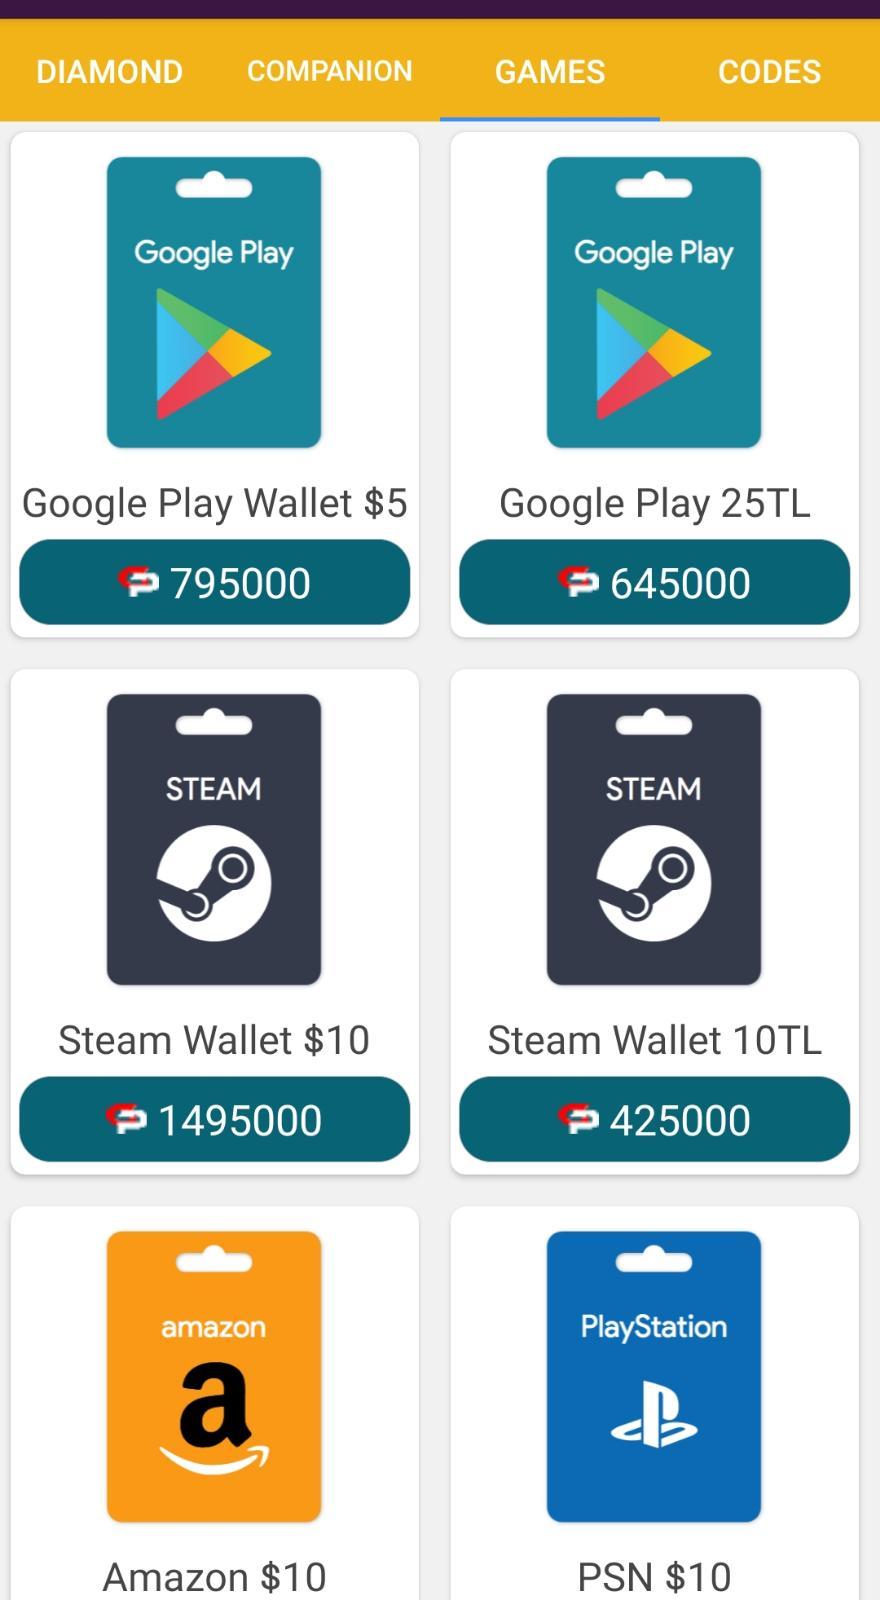 المال من الانترنت,المال من الالعاب,العاب لربح المال,تطبيقات ربح المال,المال من الألعاب,المال من ألعاب الاندرويد,العاب لربح المال الحقيقي,ربح المال.